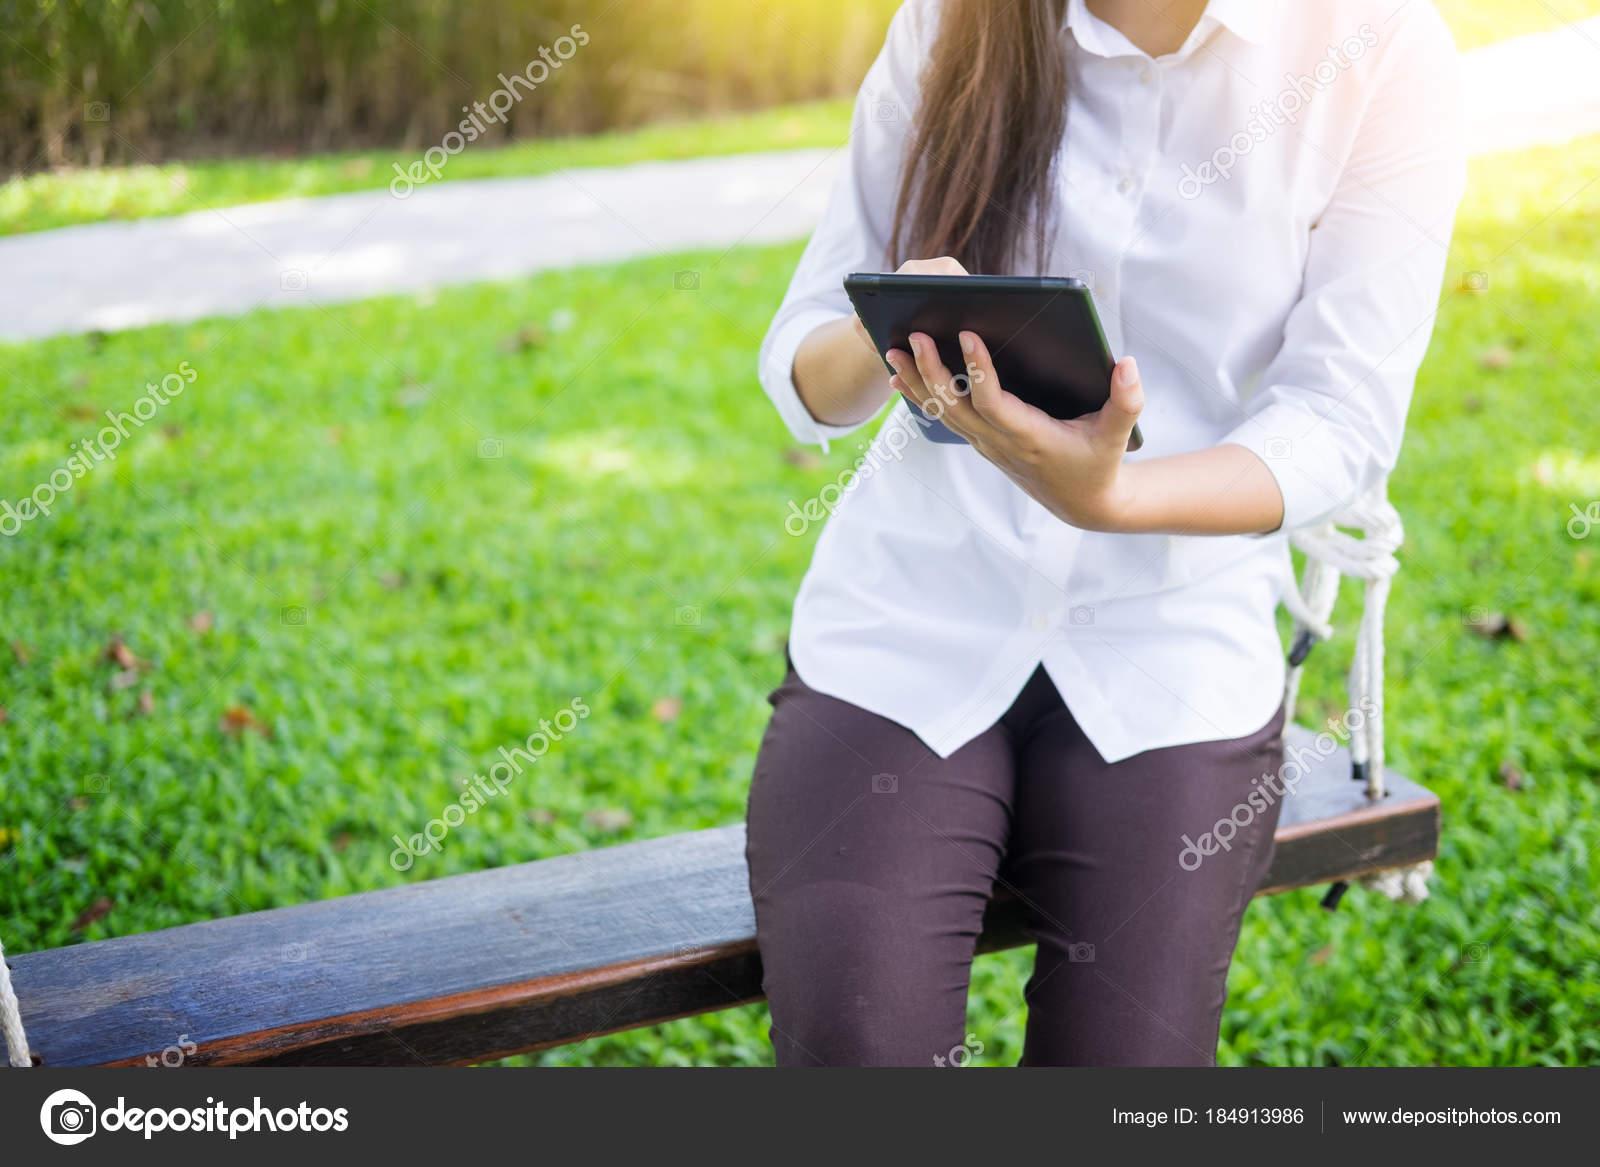 Femmes Utilise La Tablette De Travail En Position Couchee Sur Un Lit